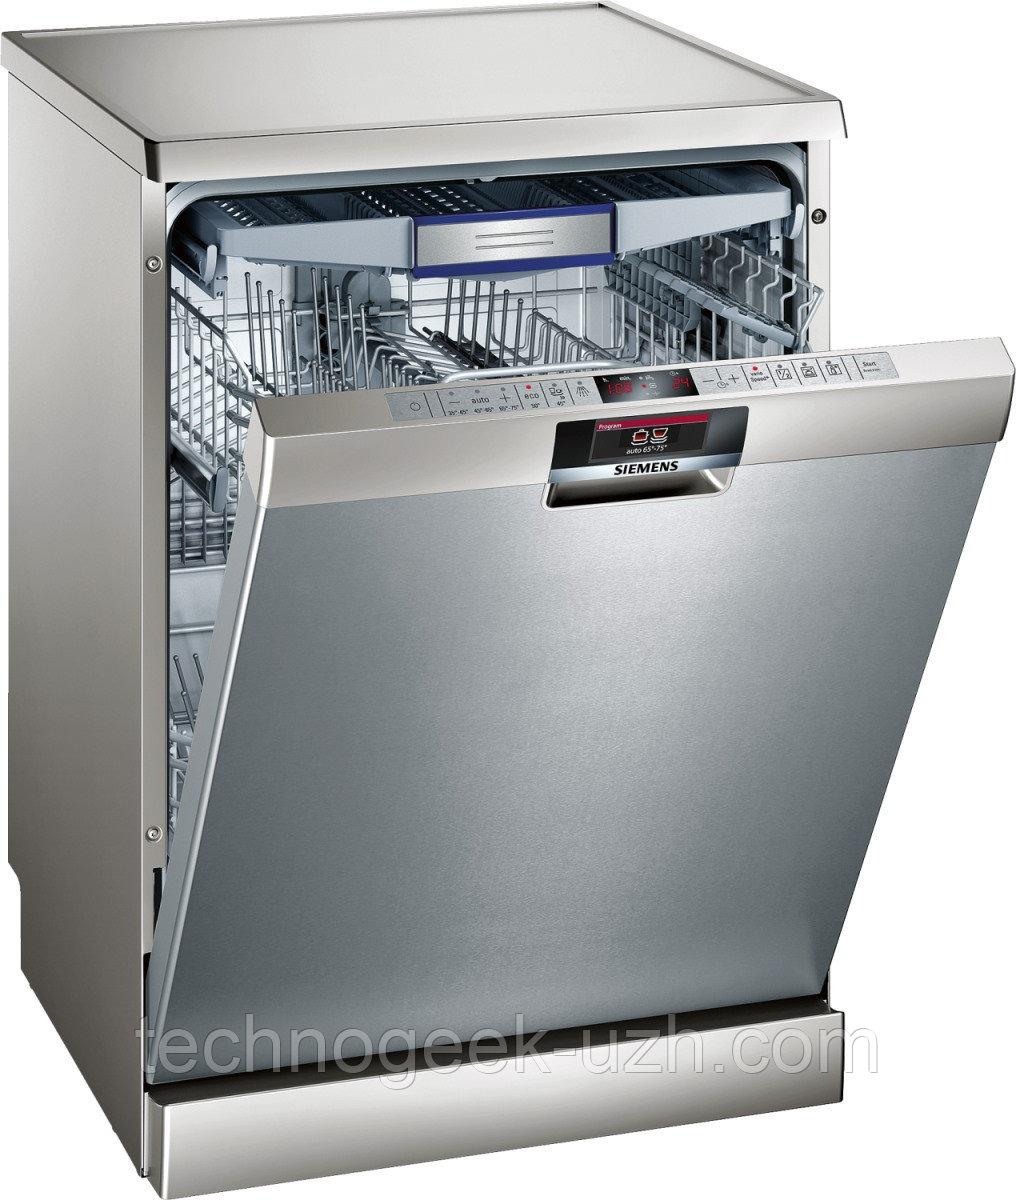 Посудомоечные машины. посудомоечные машины siemens 45 см: обзор